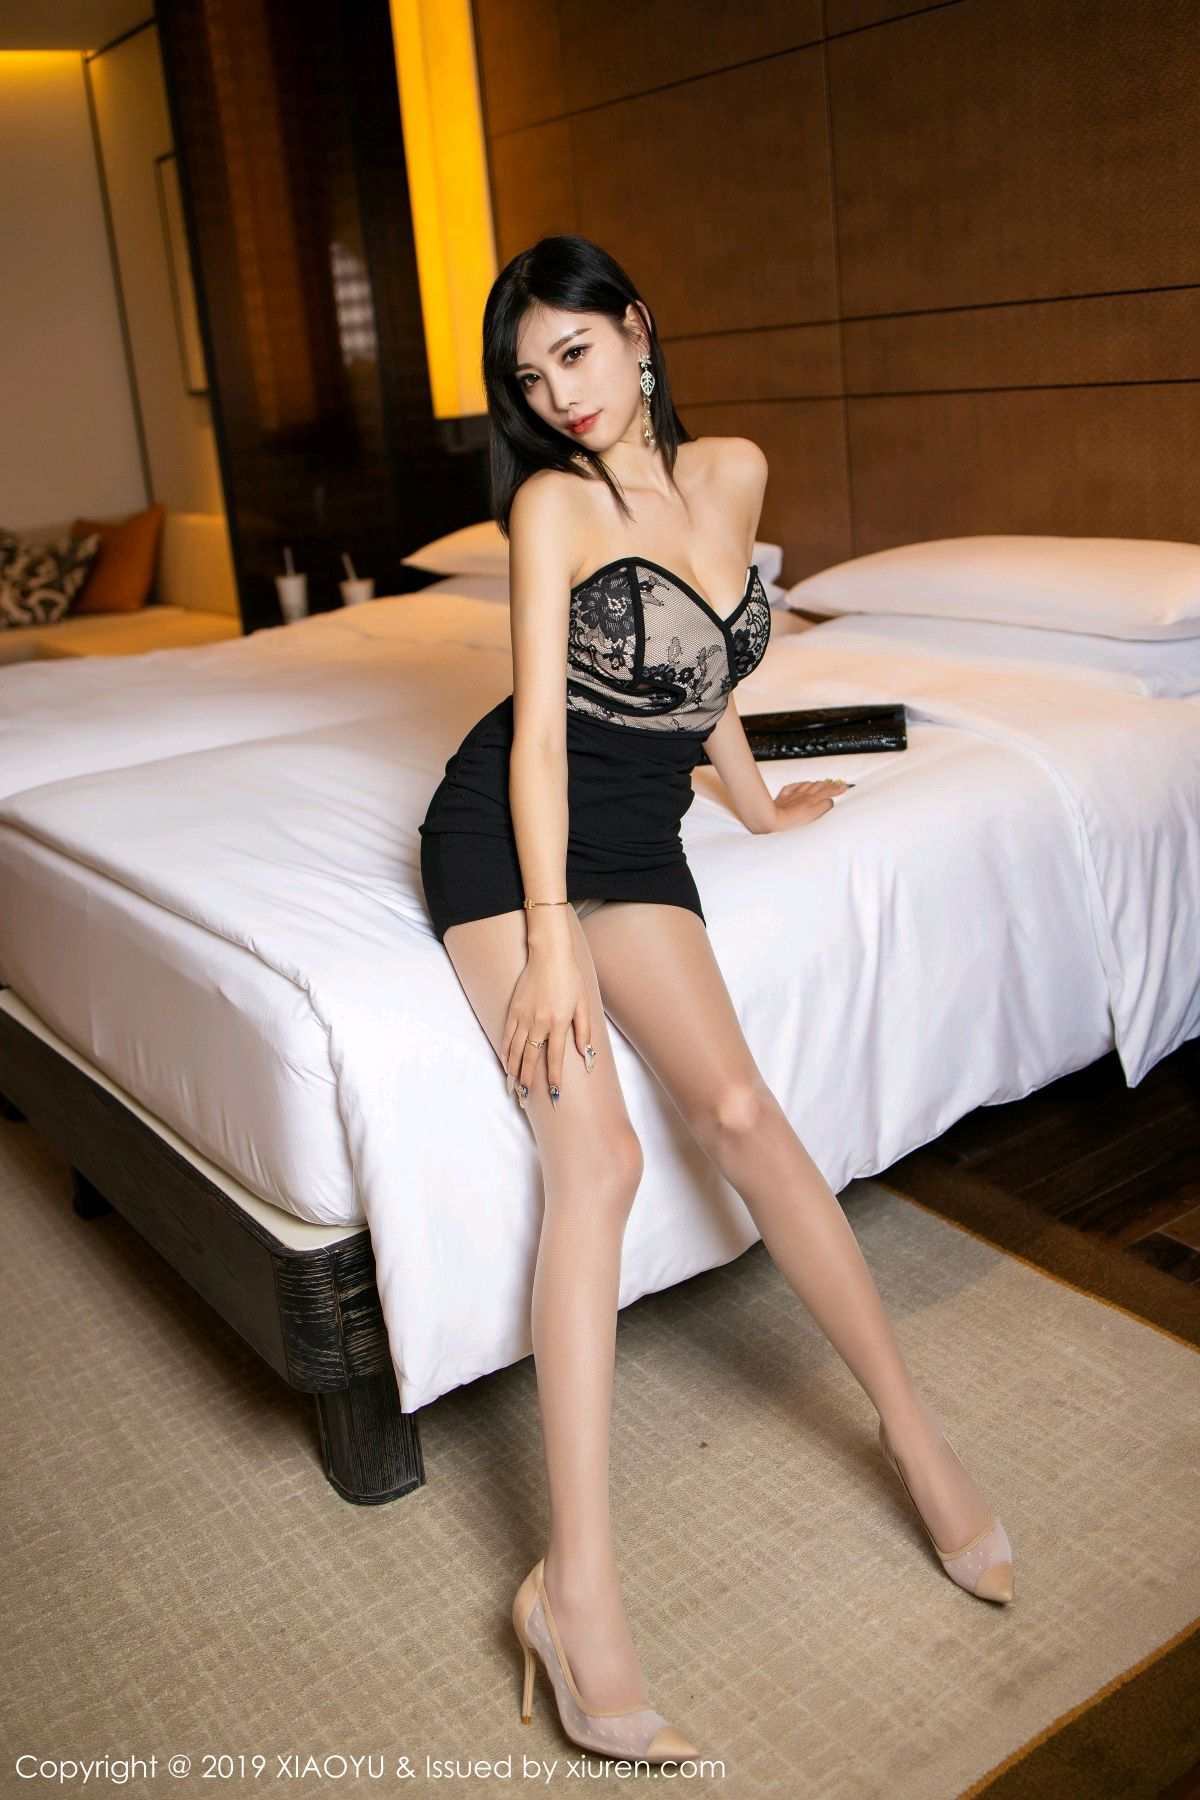 [XiaoYu] Vol.209 Yang Chen Chen 16P, Underwear, XiaoYu, Yang Chen Chen